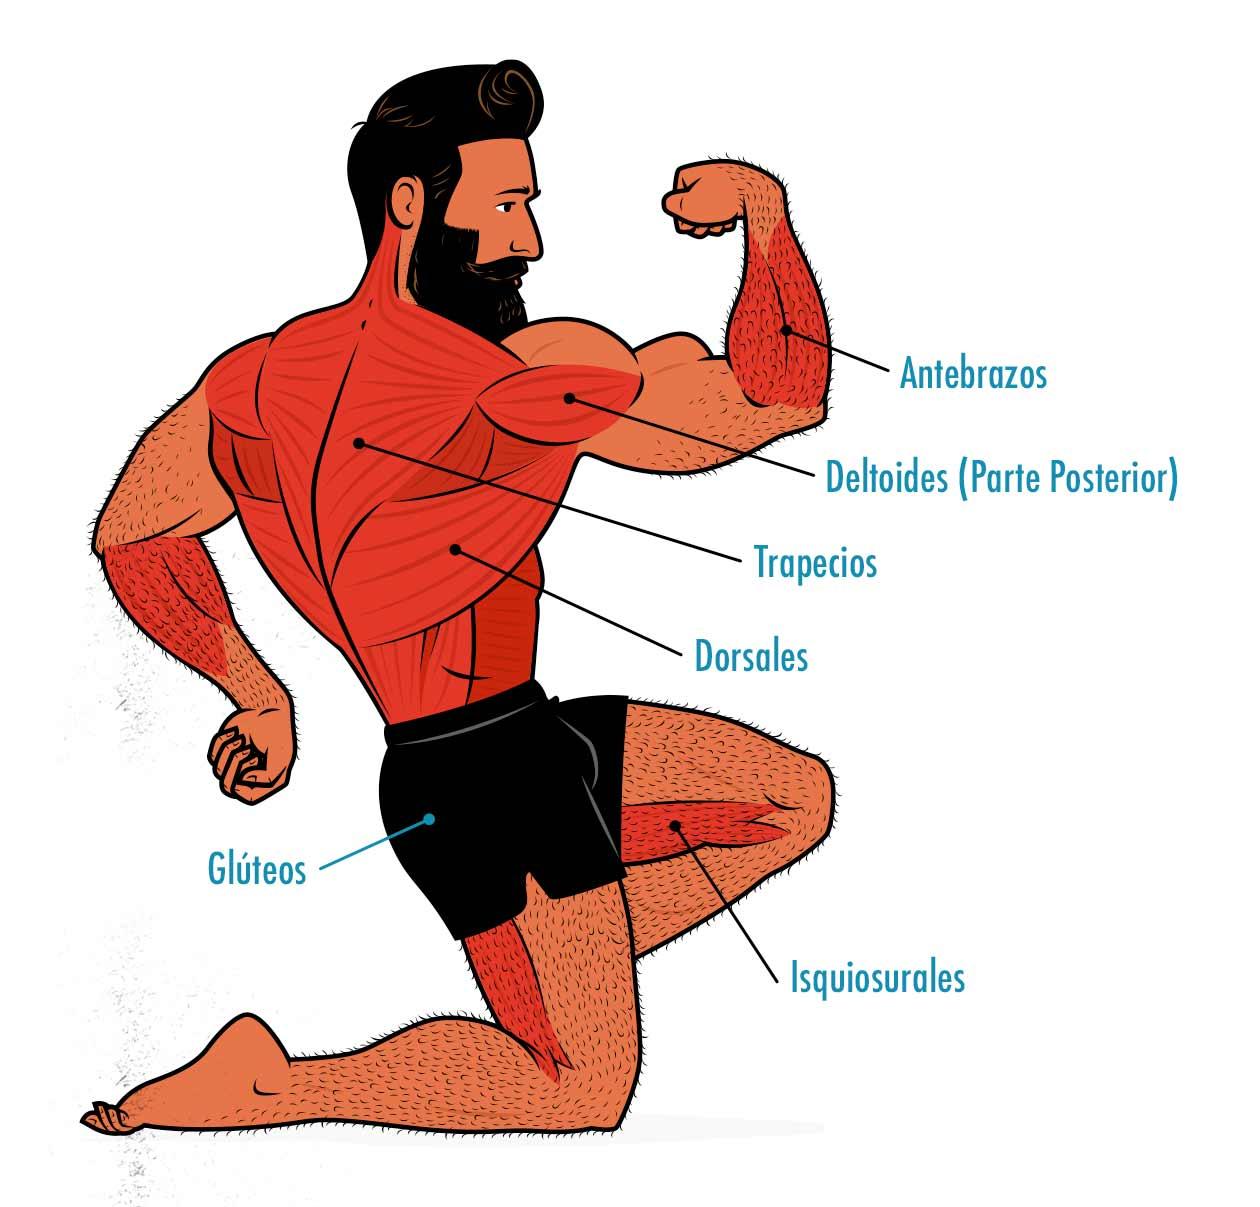 Ilustración de los músculos trabajados por el peso muerto con toalla.